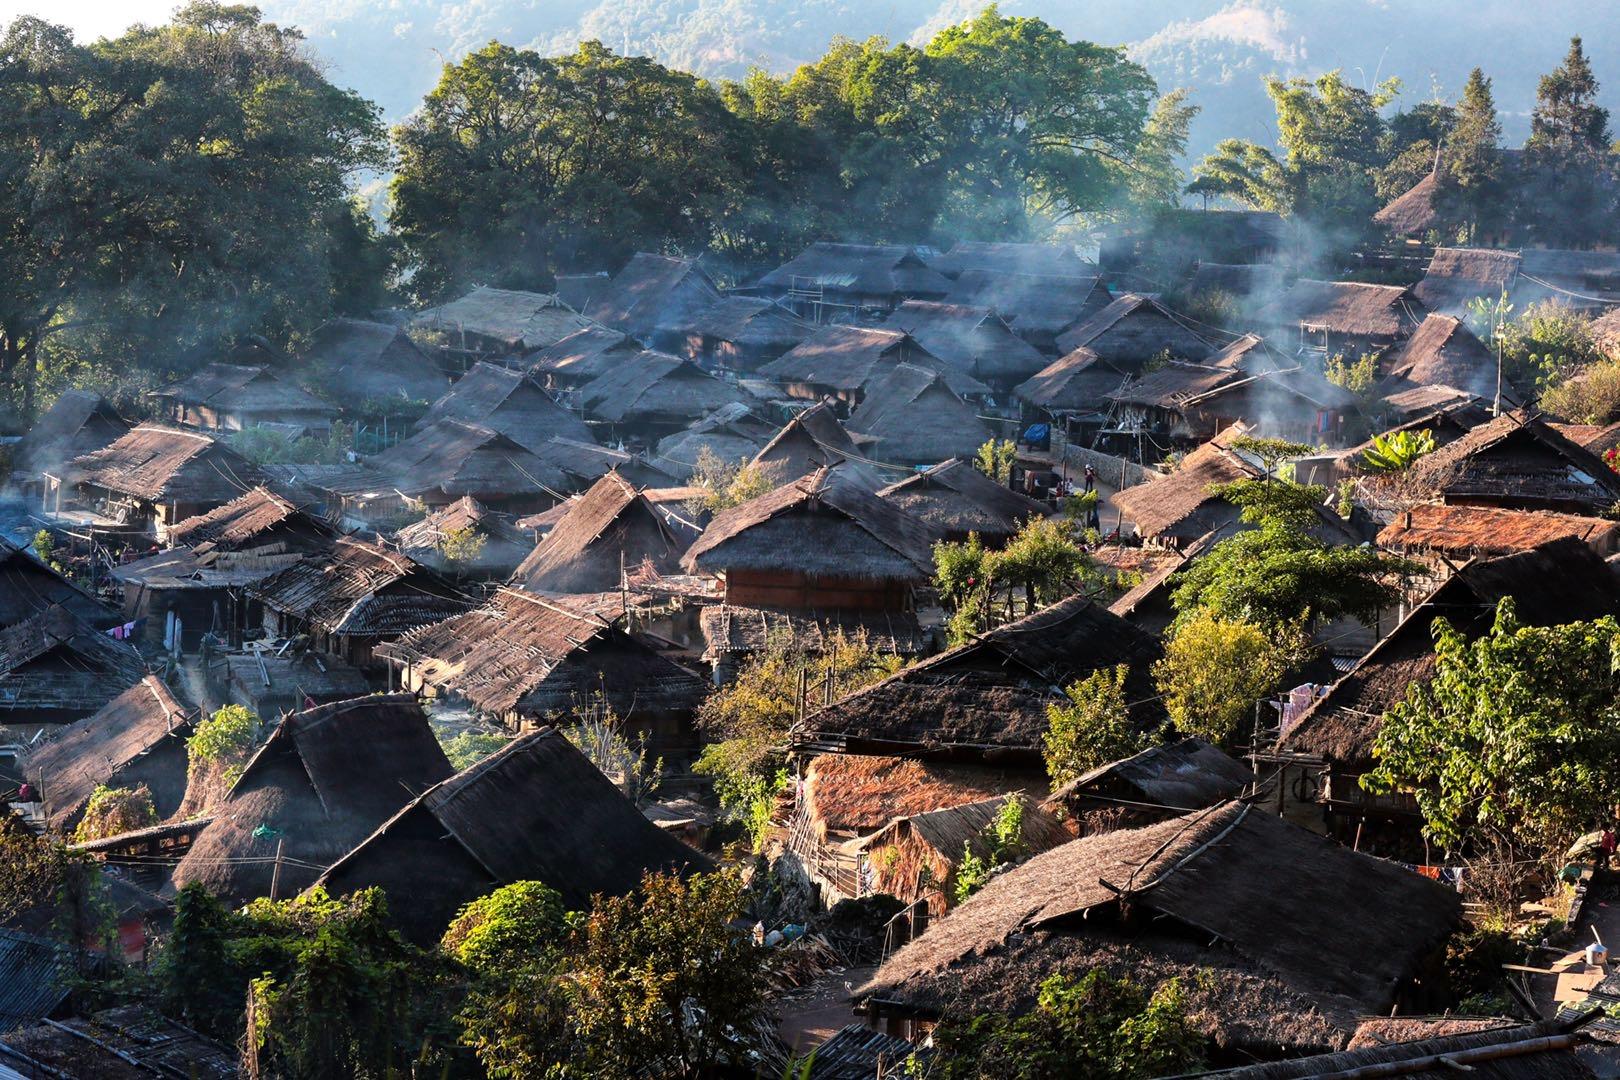 佤寨翁丁化為灰燼之余:生活世界與建筑物是互相依存的關系